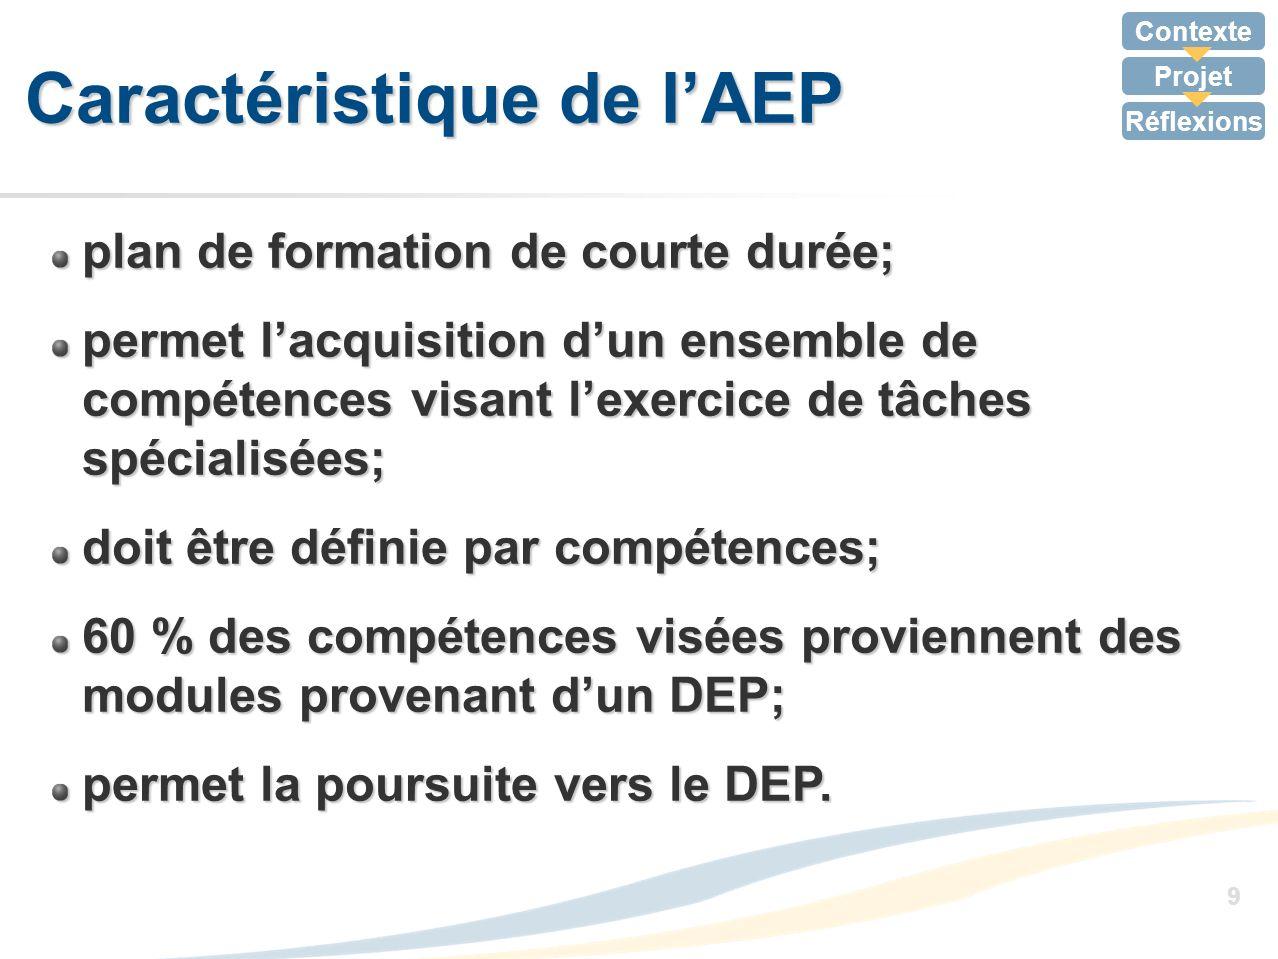 Caractéristique de l'AEP